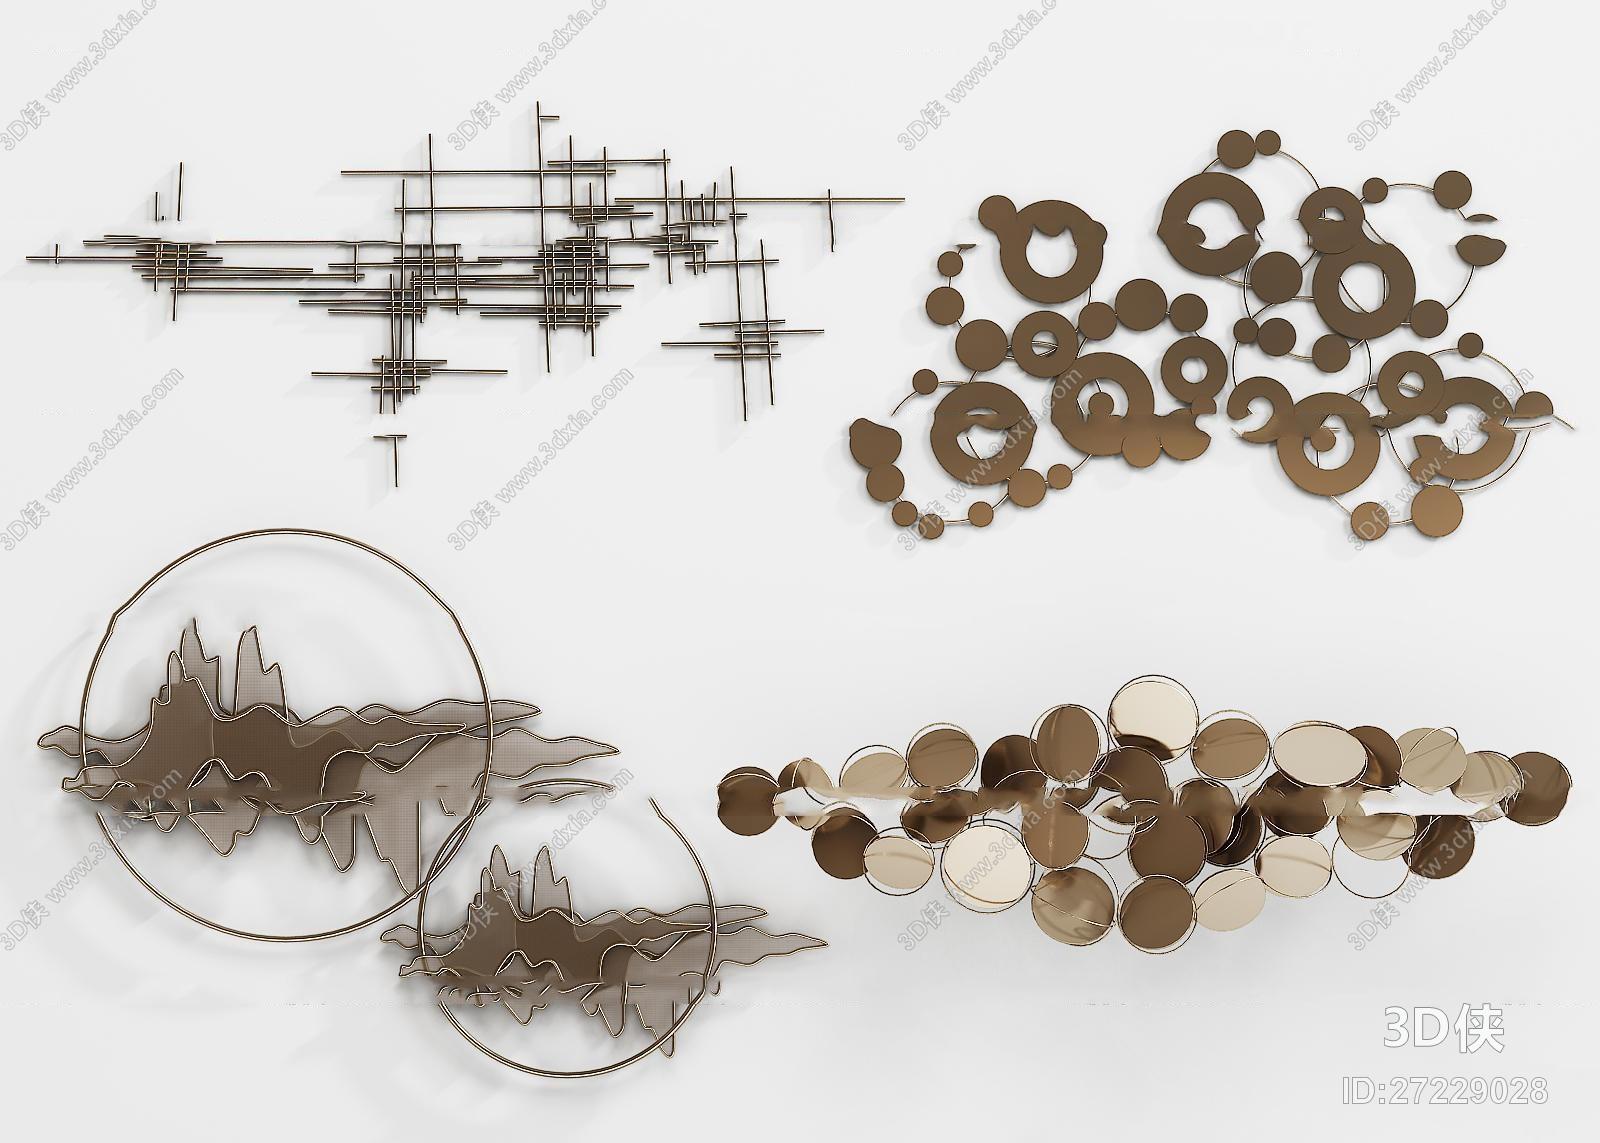 墙绘效果图素材免费下载,本作品主题是新中式金属墙饰挂件组合3d模型